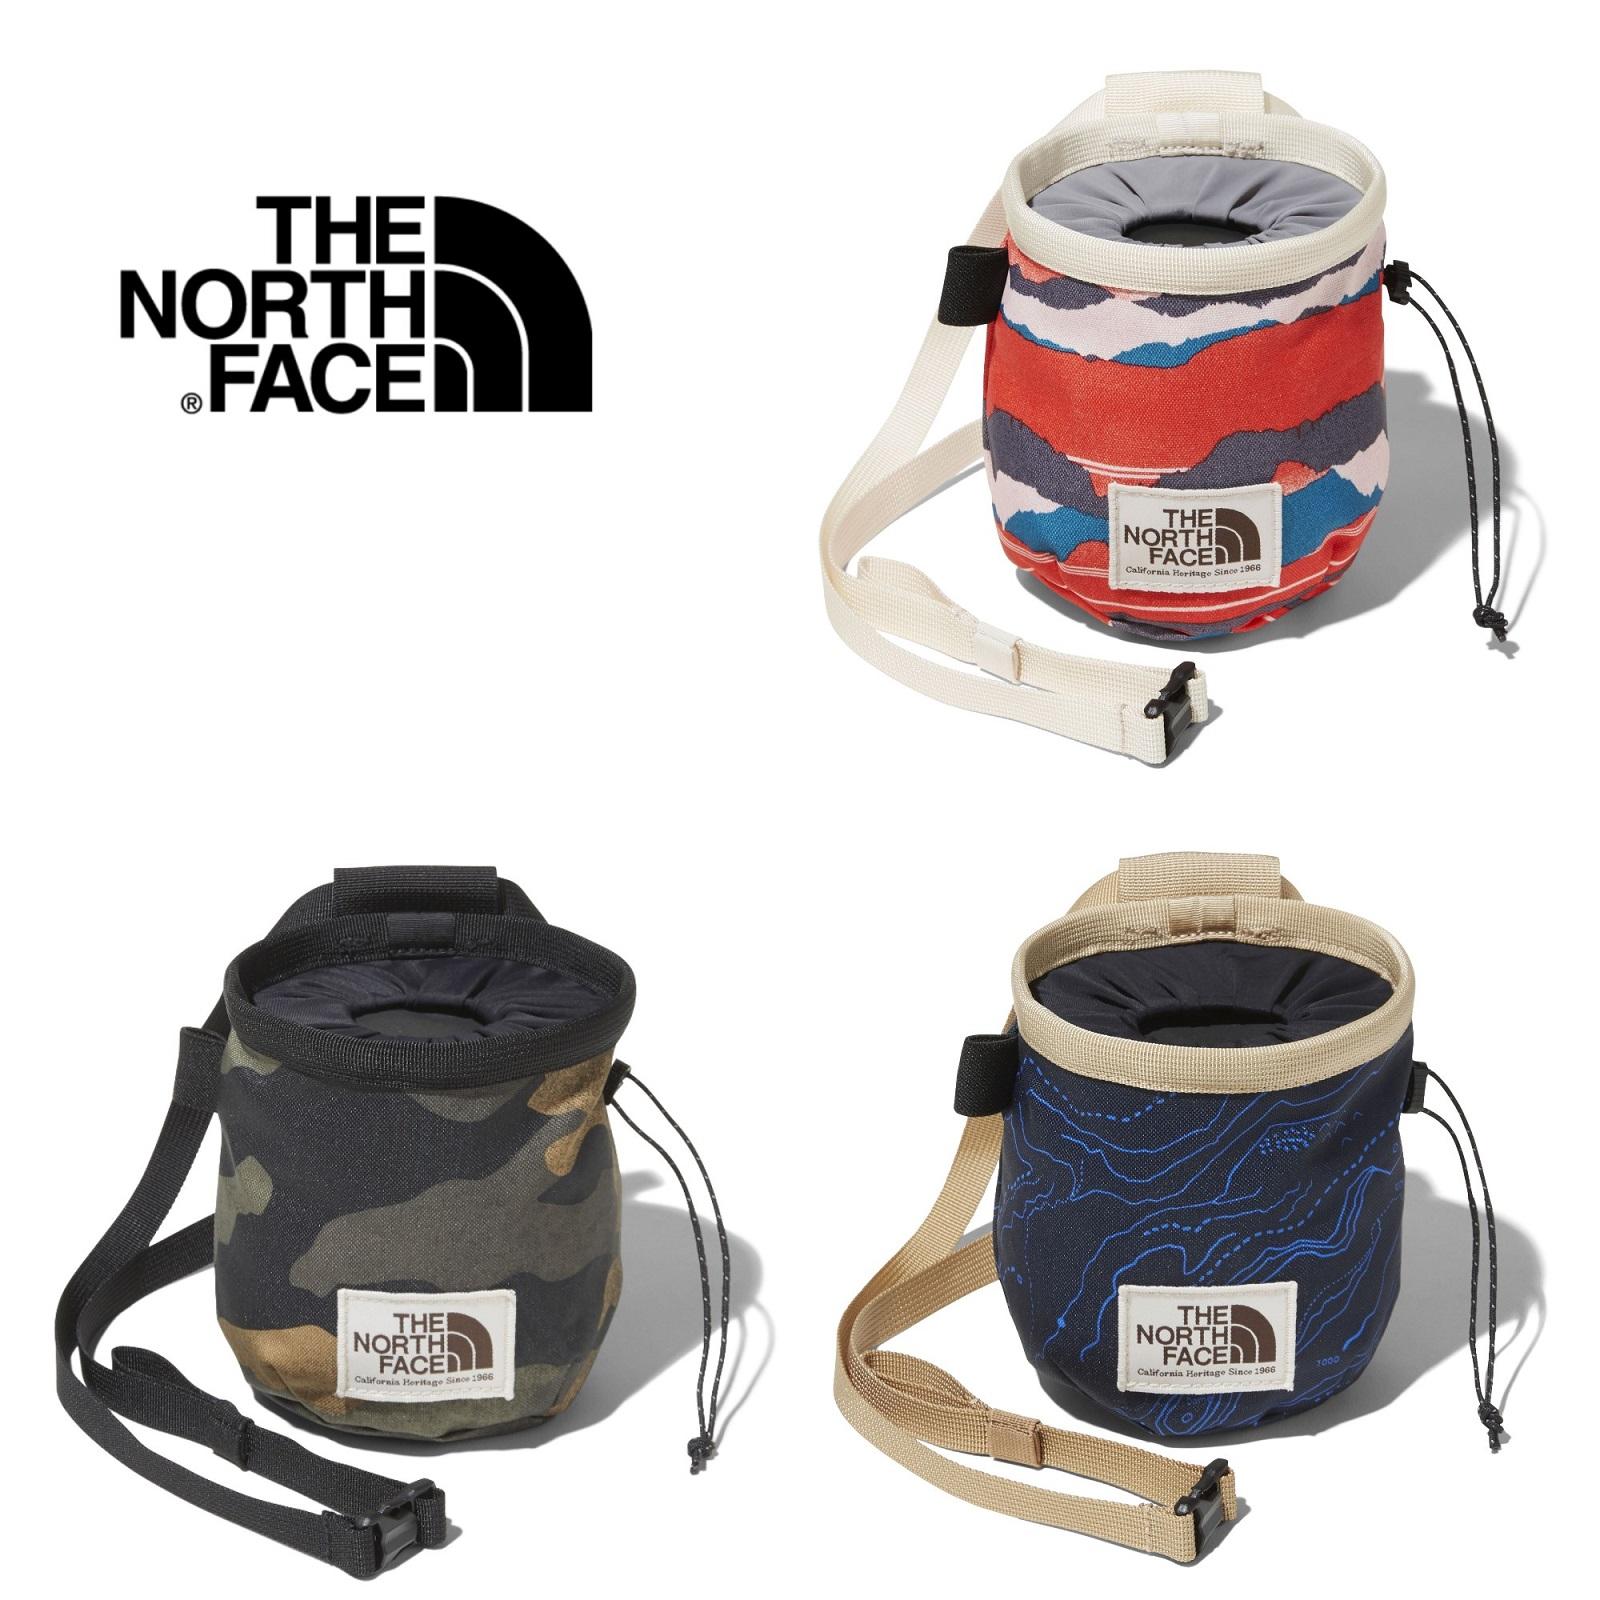 ザ・ノースフェイス NMJ71952 ループチョークバッグ(キッズ)